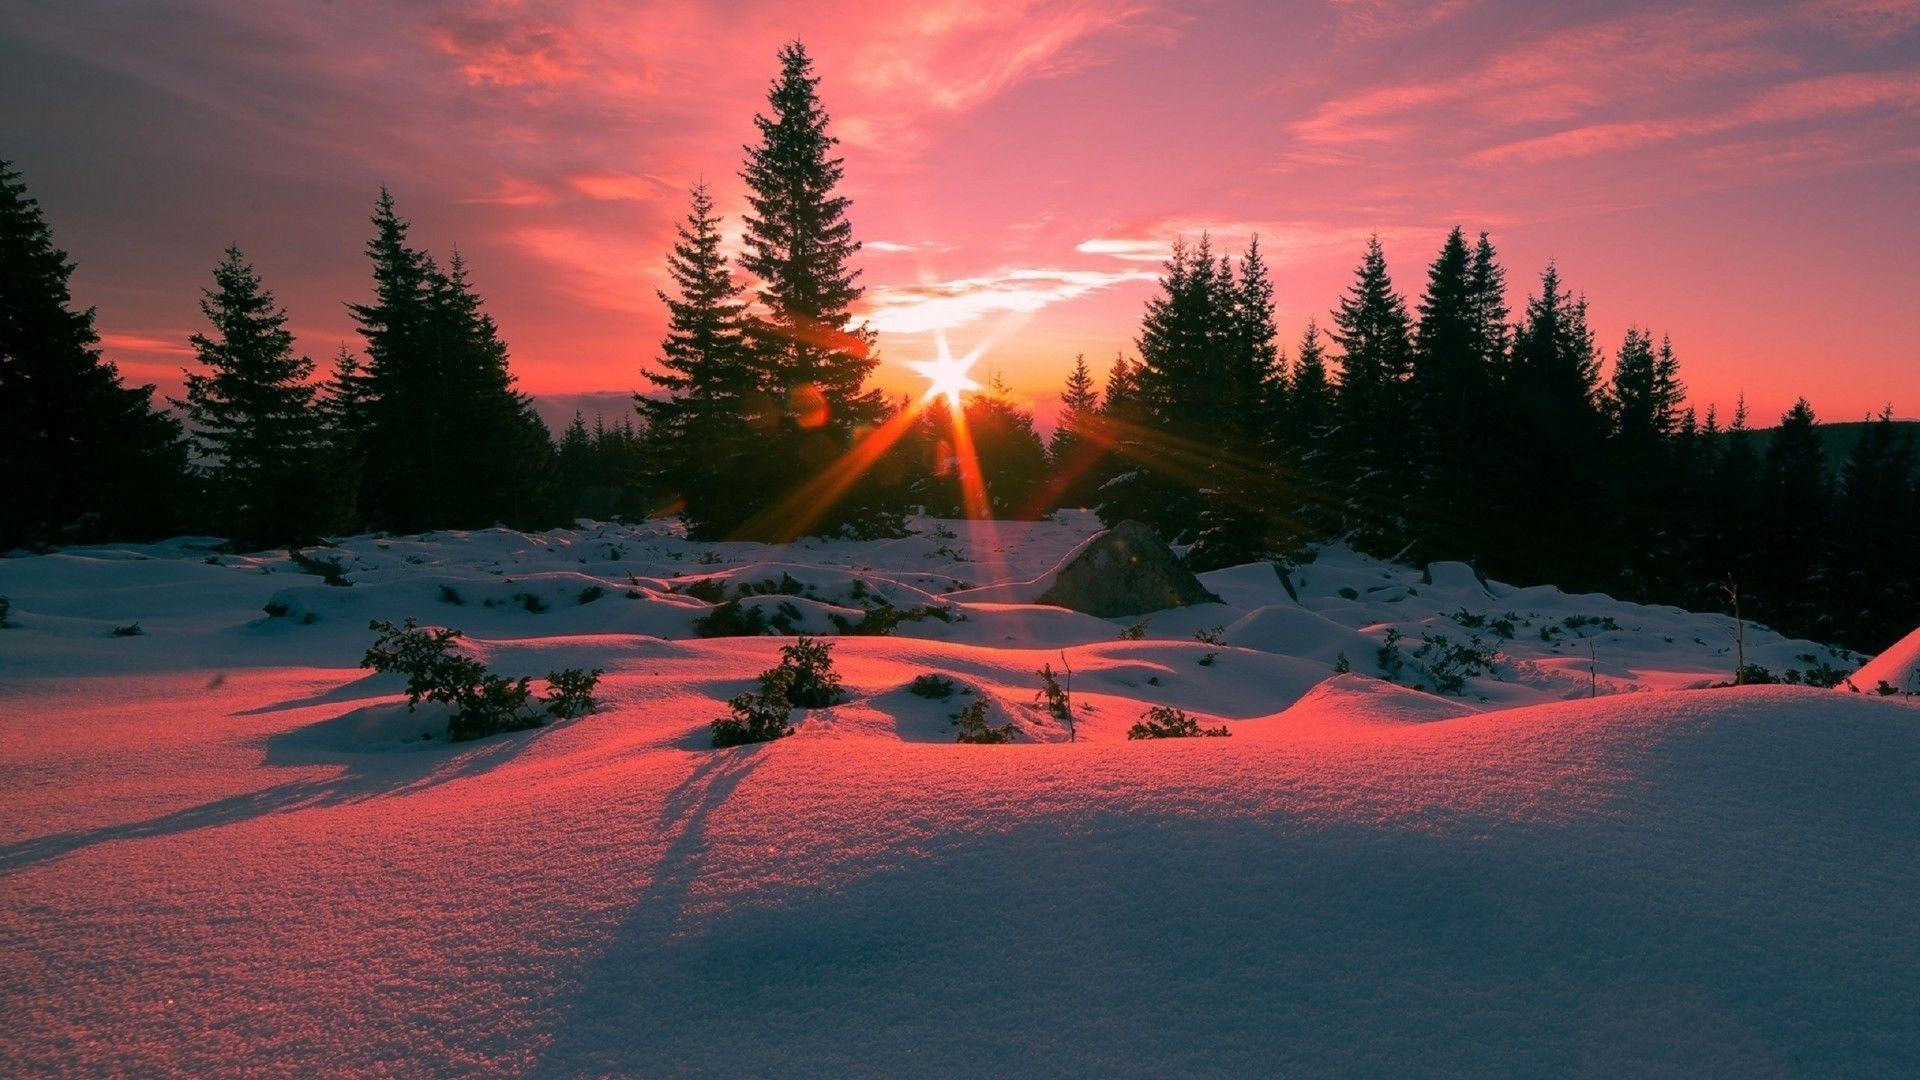 Winter Sunset Desktop Wallpaper